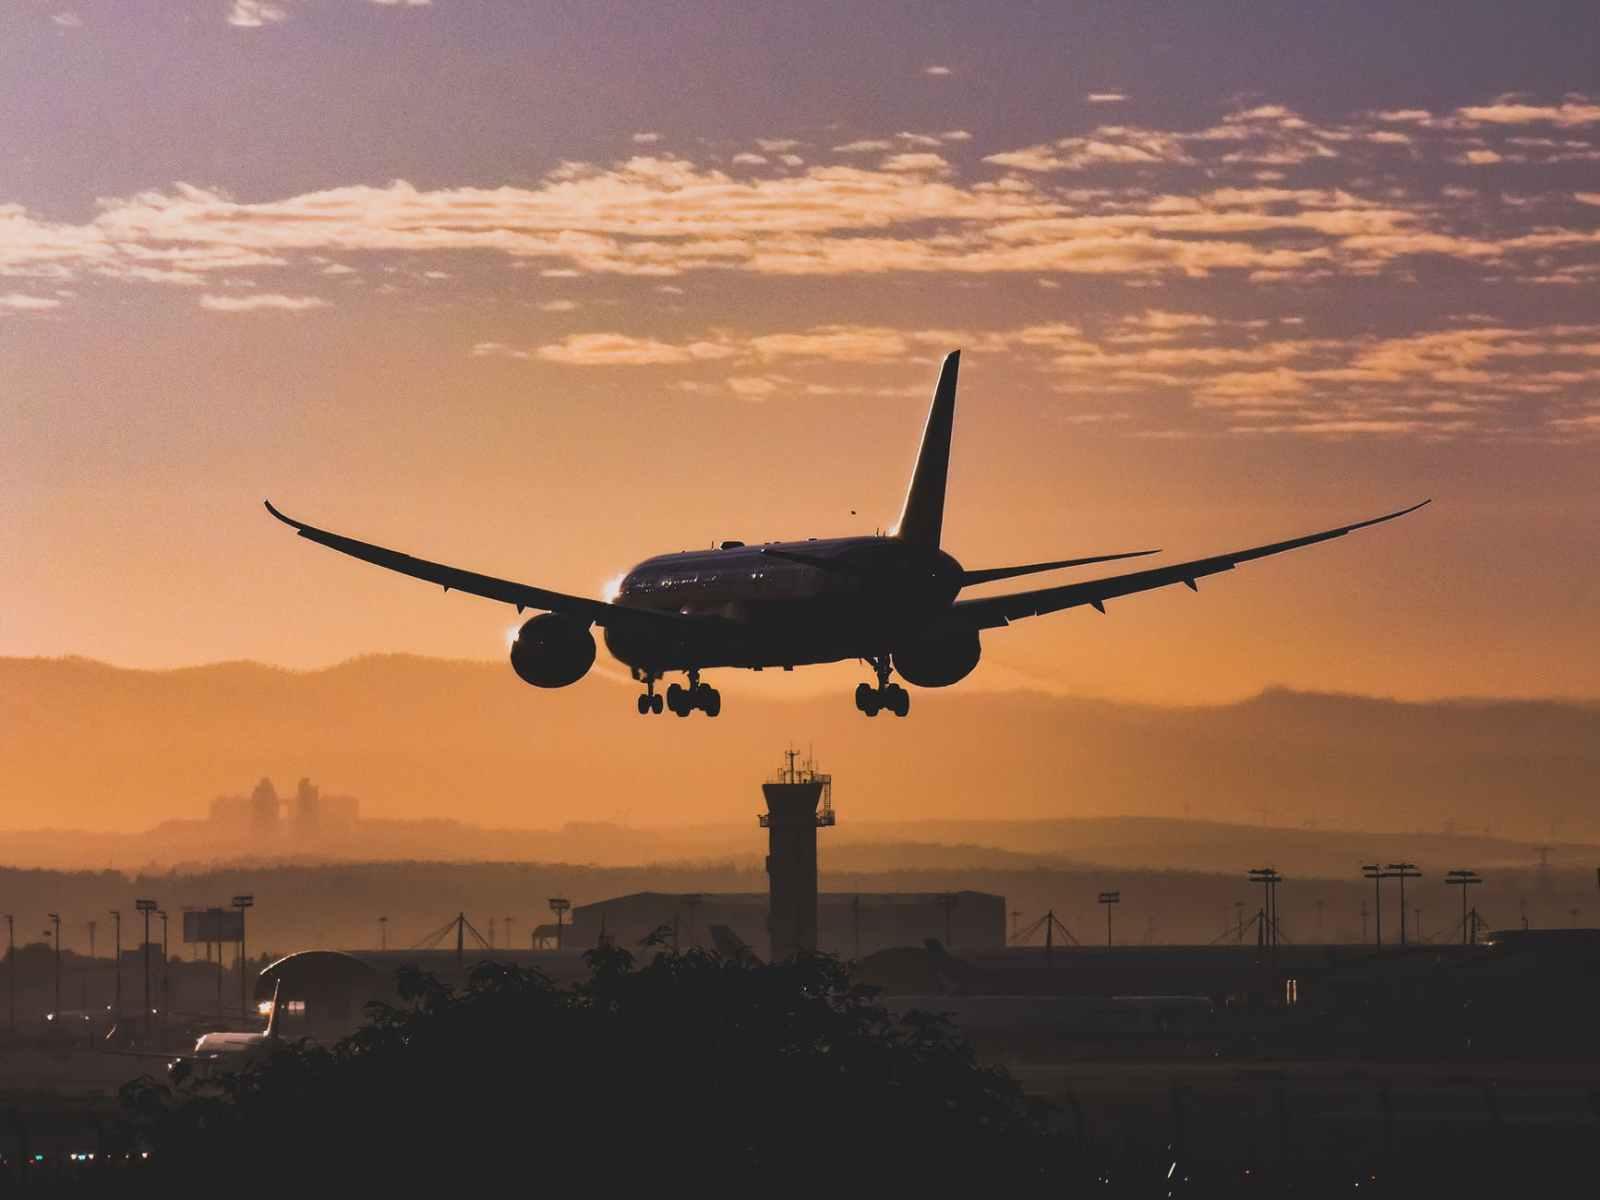 white passenger plane flying over the city during sunset